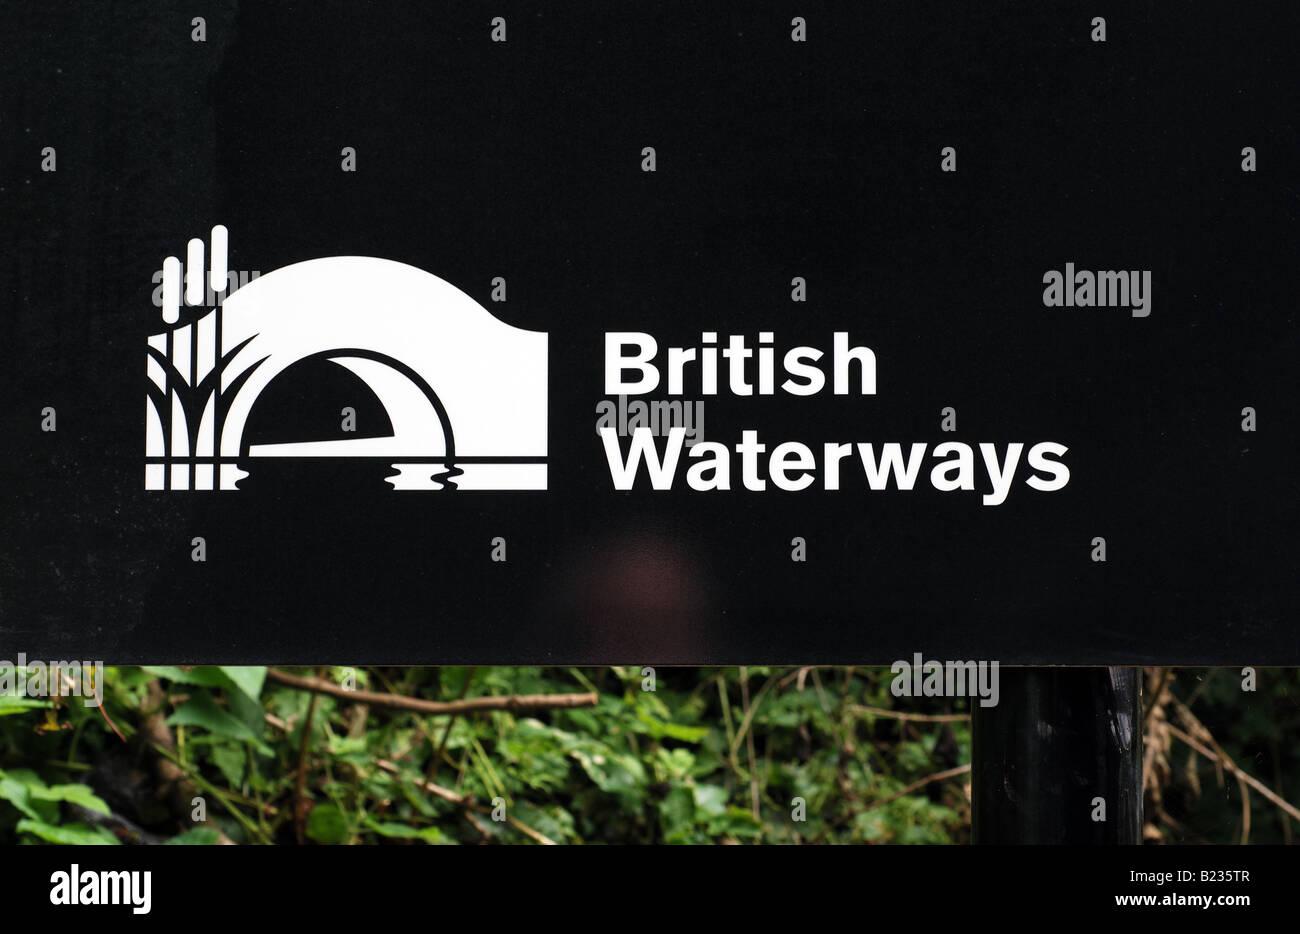 British Waterways name and logo - Stock Image